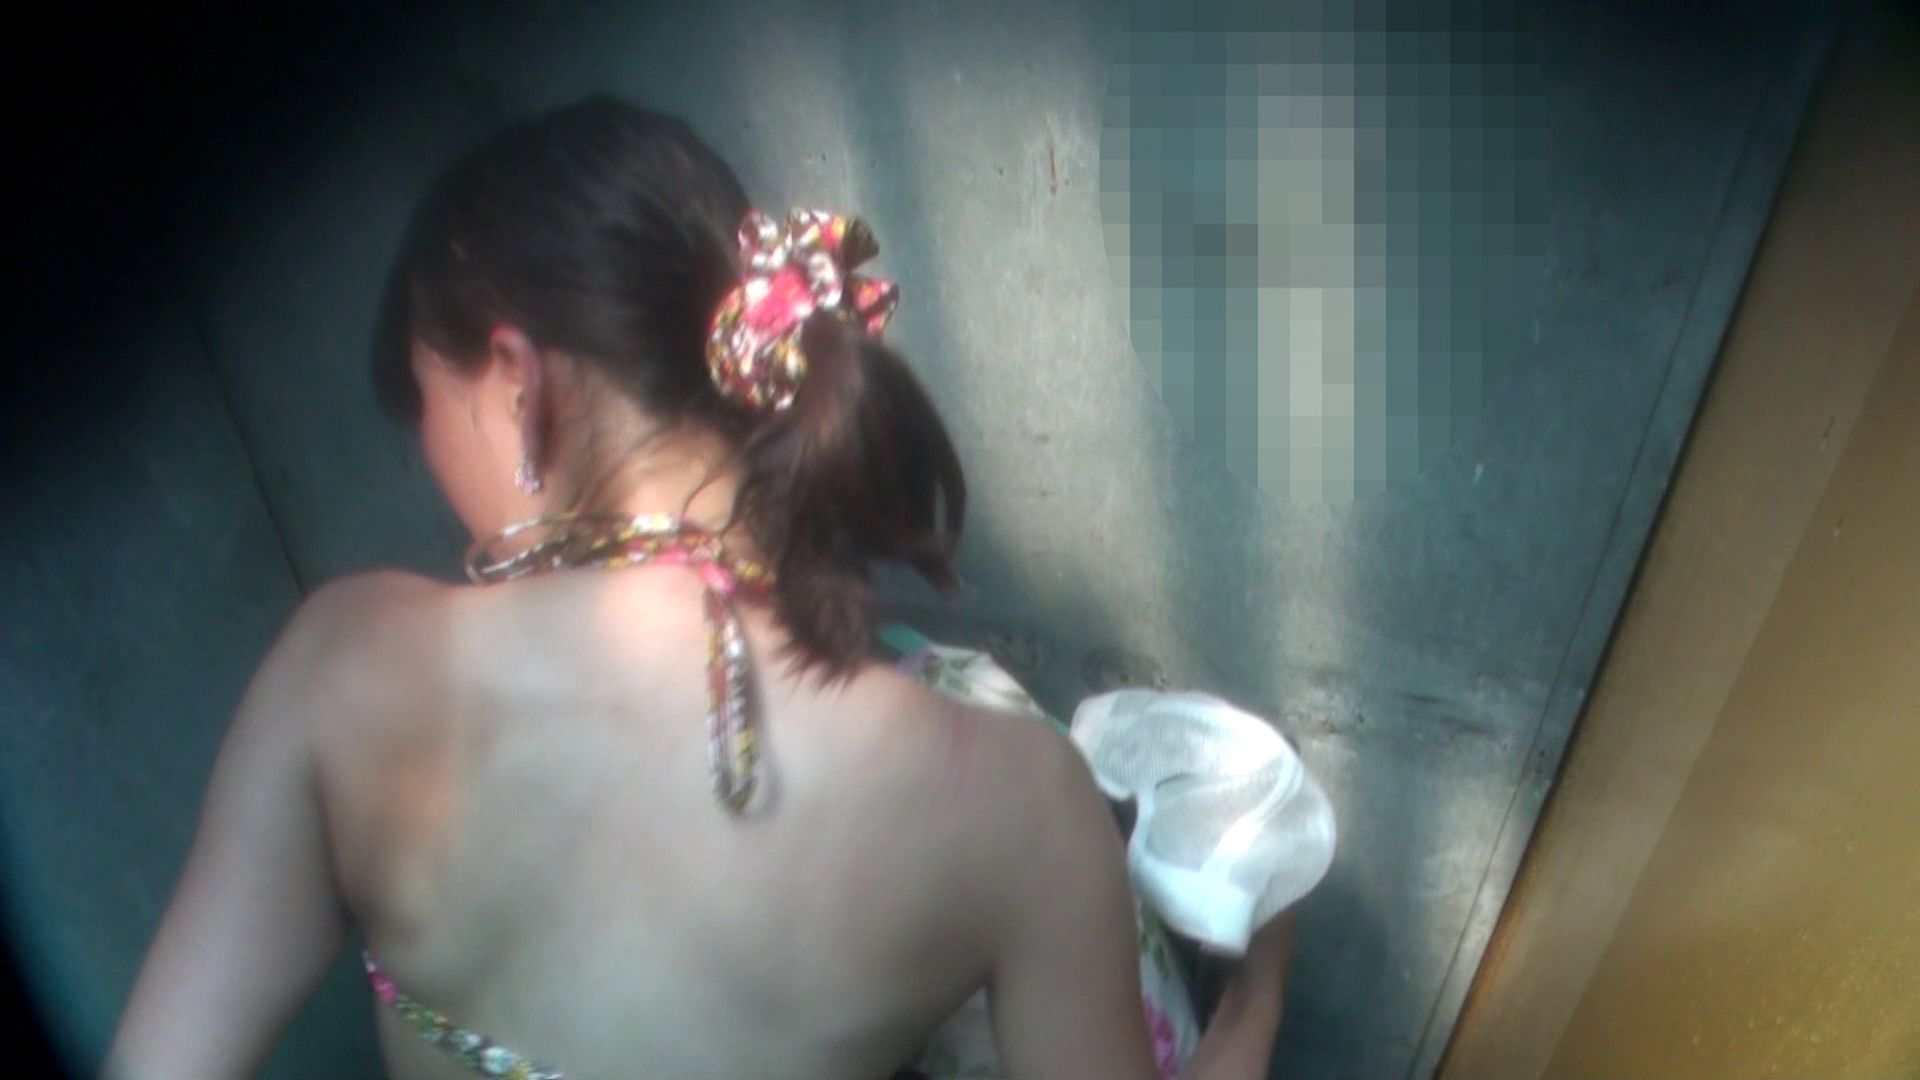 シャワールームは超!!危険な香りVol.16 意外に乳首は年増のそれ シャワー おめこ無修正動画無料 108画像 19